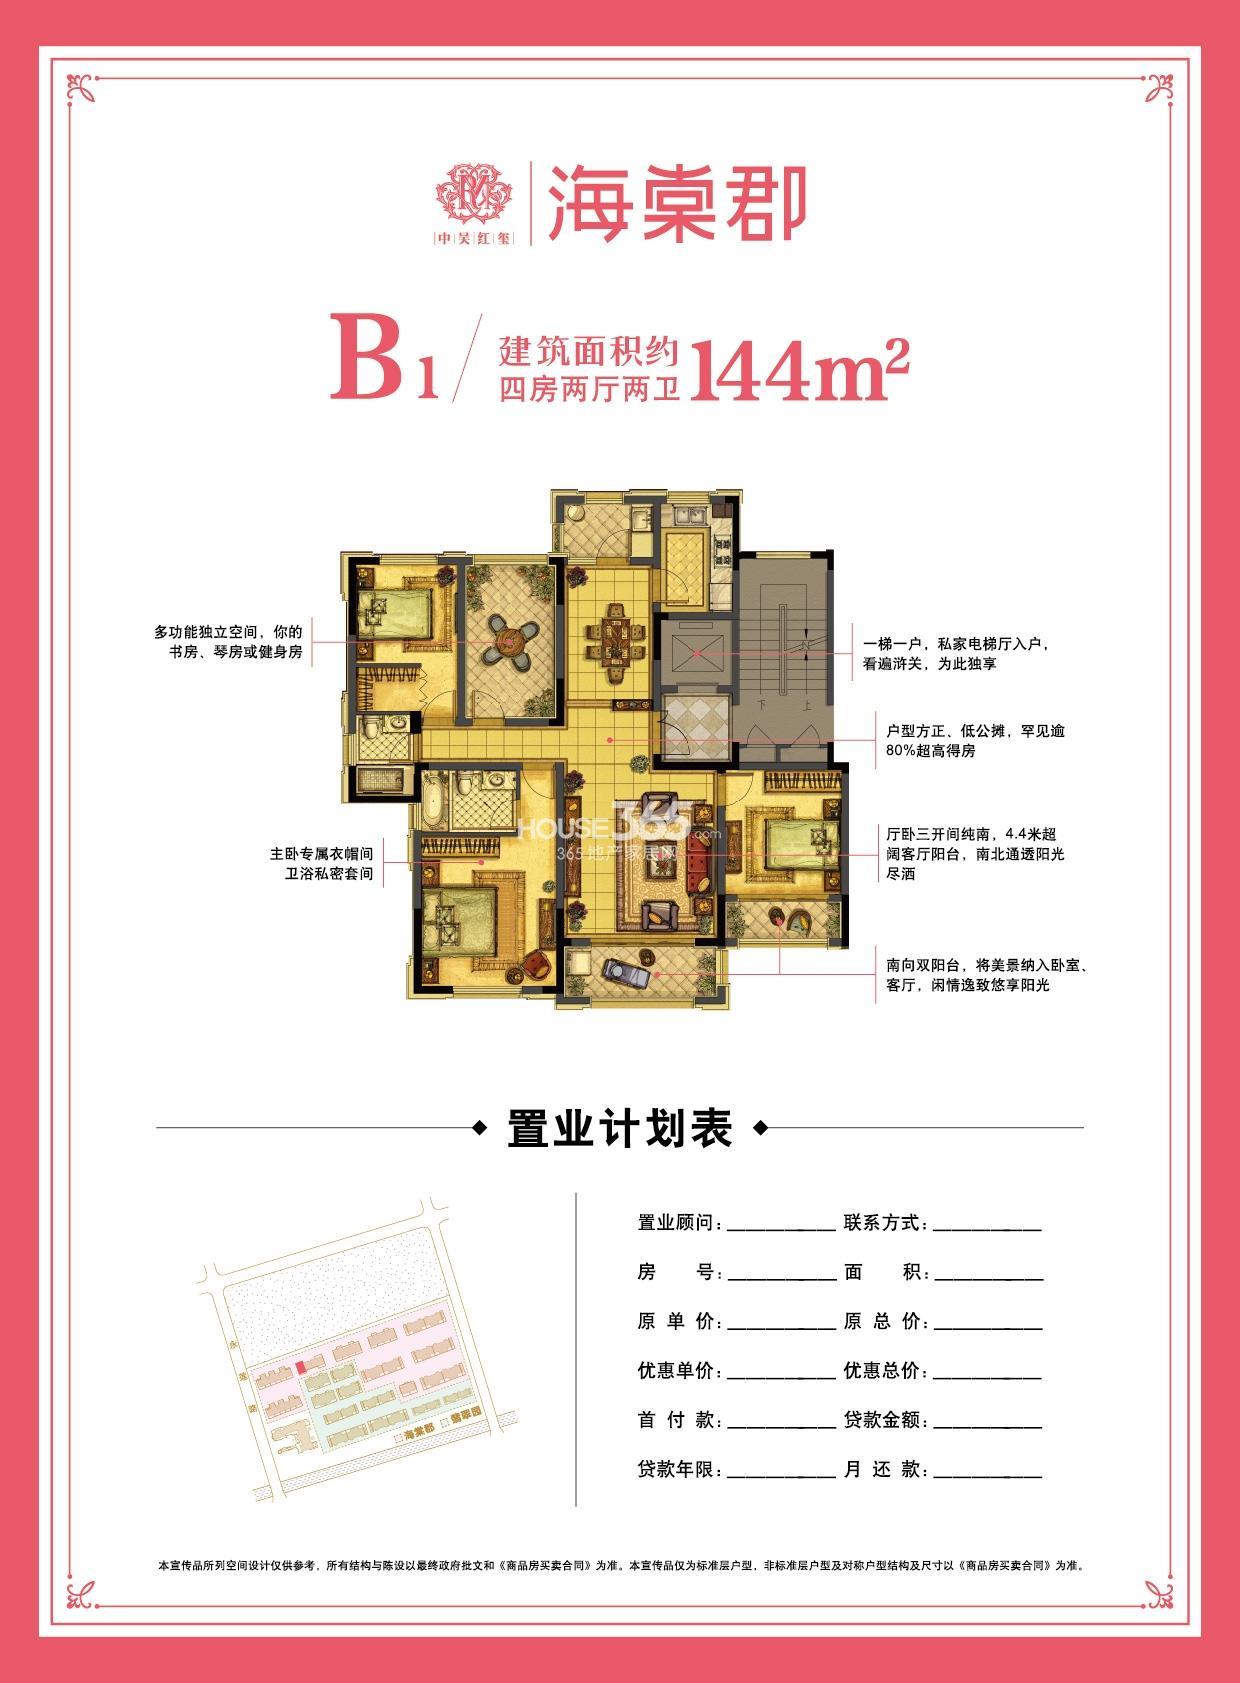 海棠郡B1户型四房两厅两卫144平米